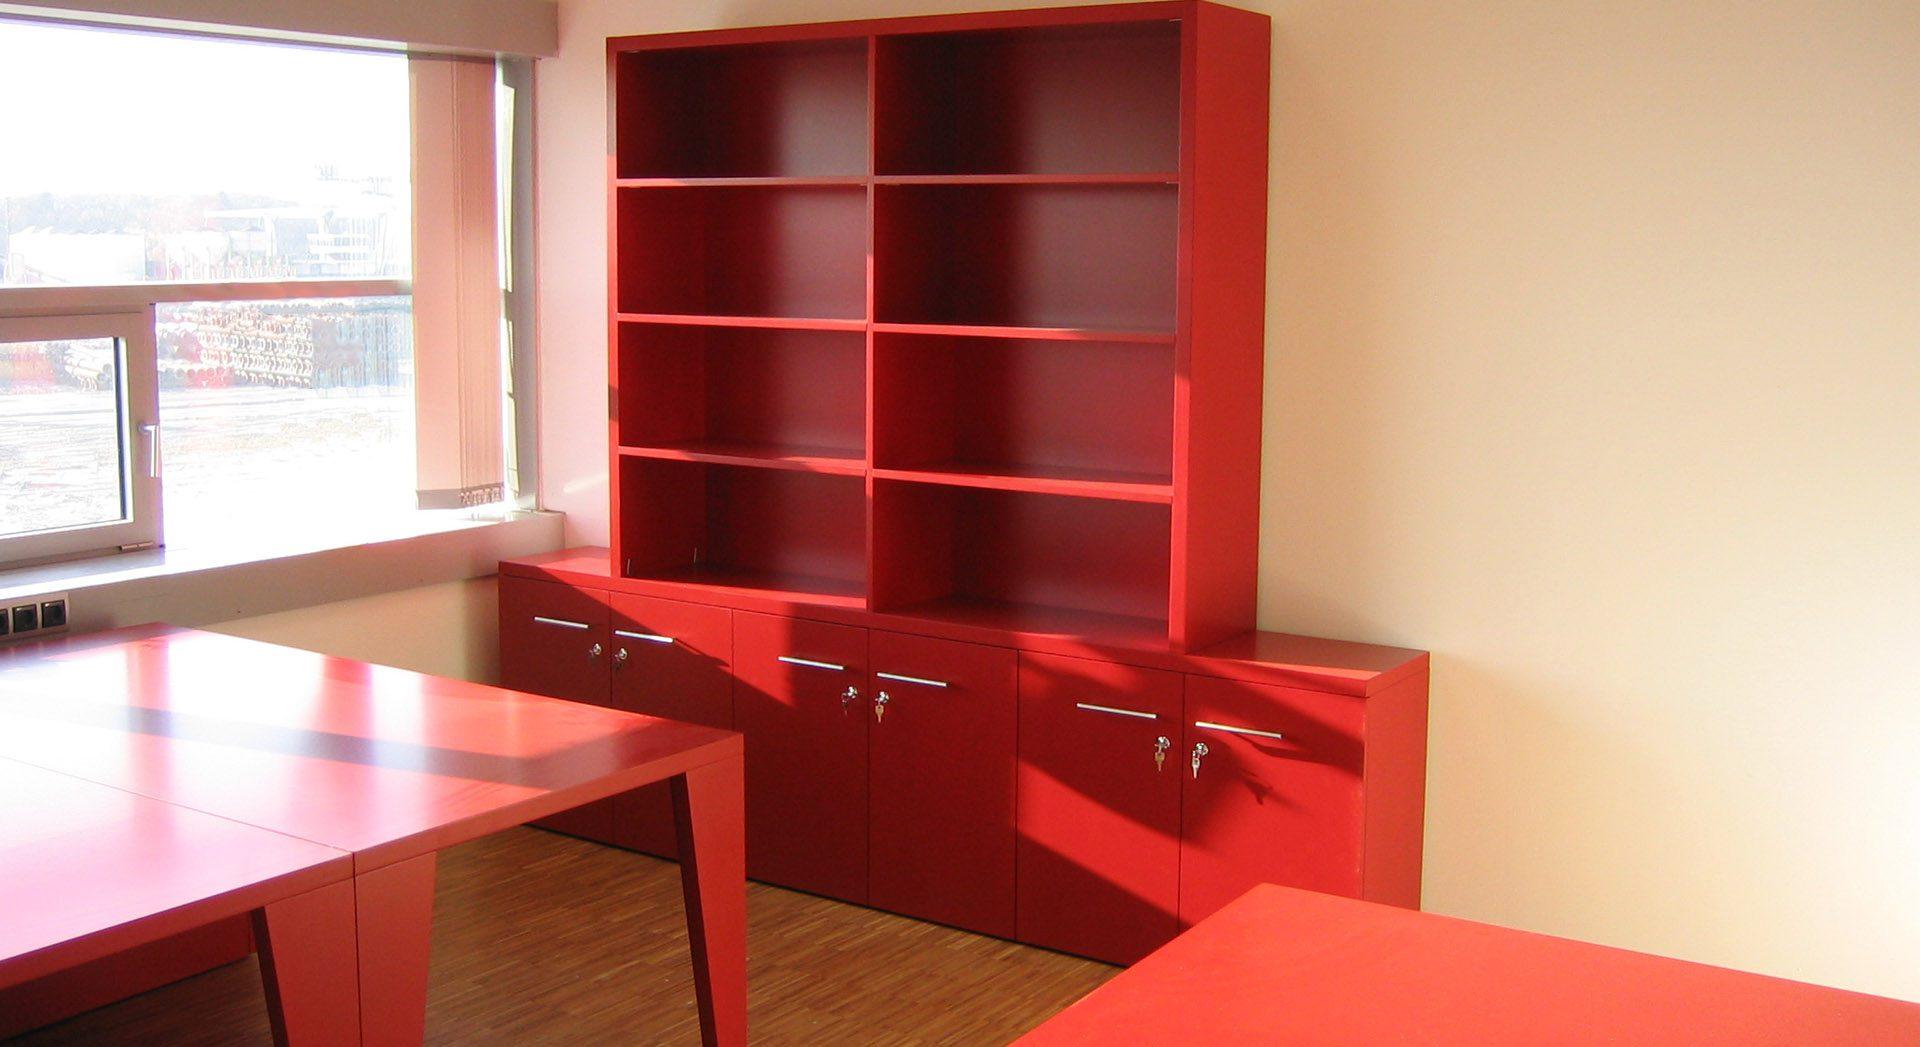 Gewerbearchitektur; Innenarchitektur; Möbeldesign; Ladeneinrichtung; Raumgestaltung;